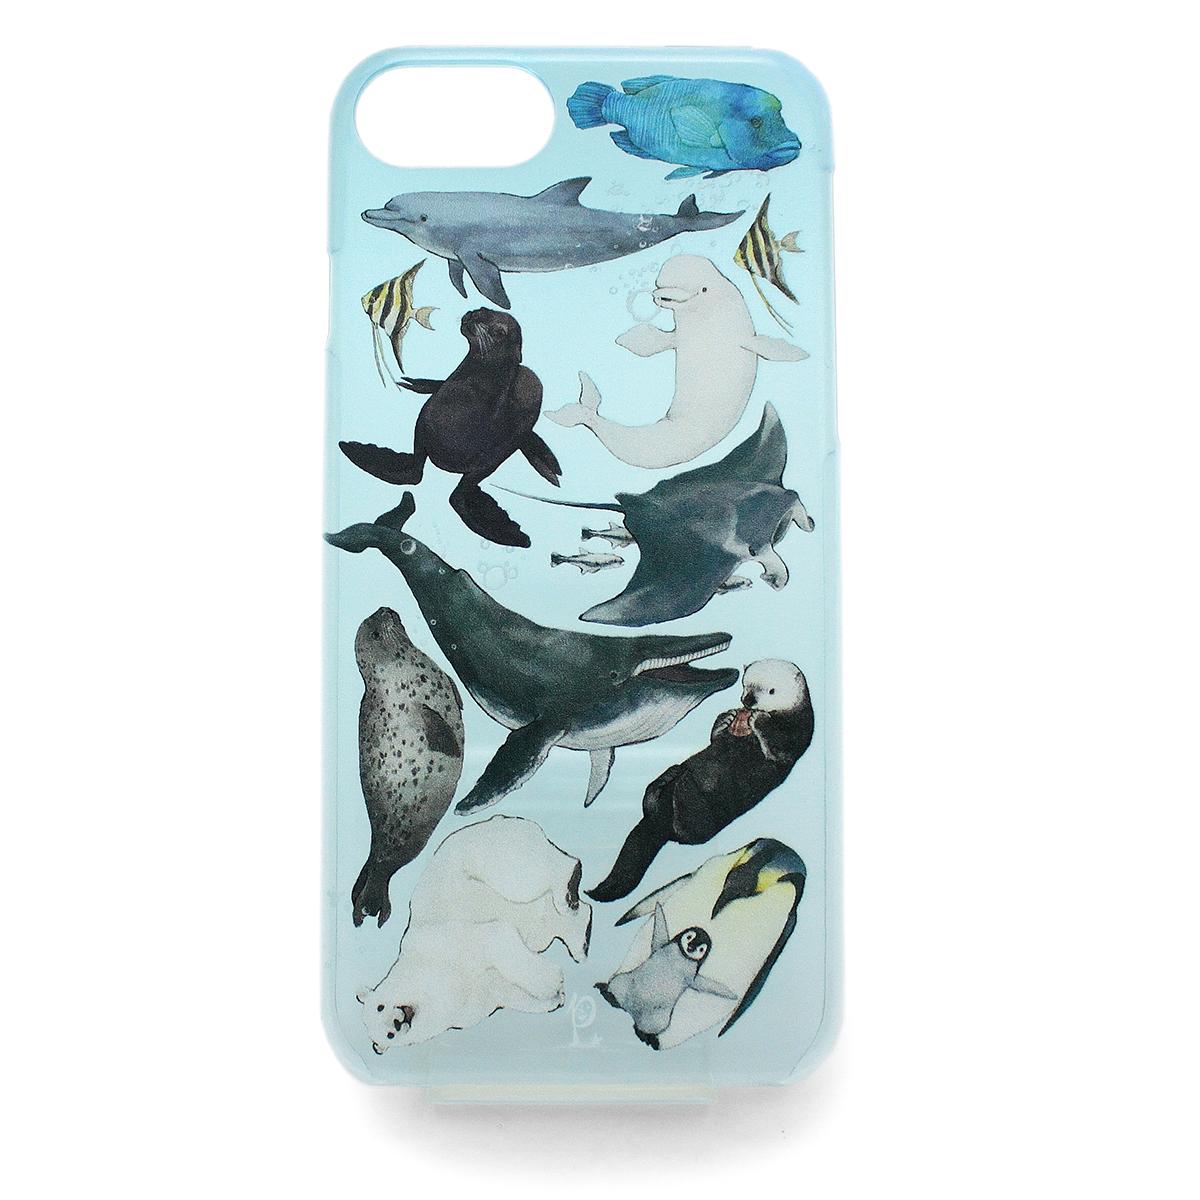 水族館(ハード)/ スマートフォンケース (iPhone8/iPhone7/6s/6兼用)